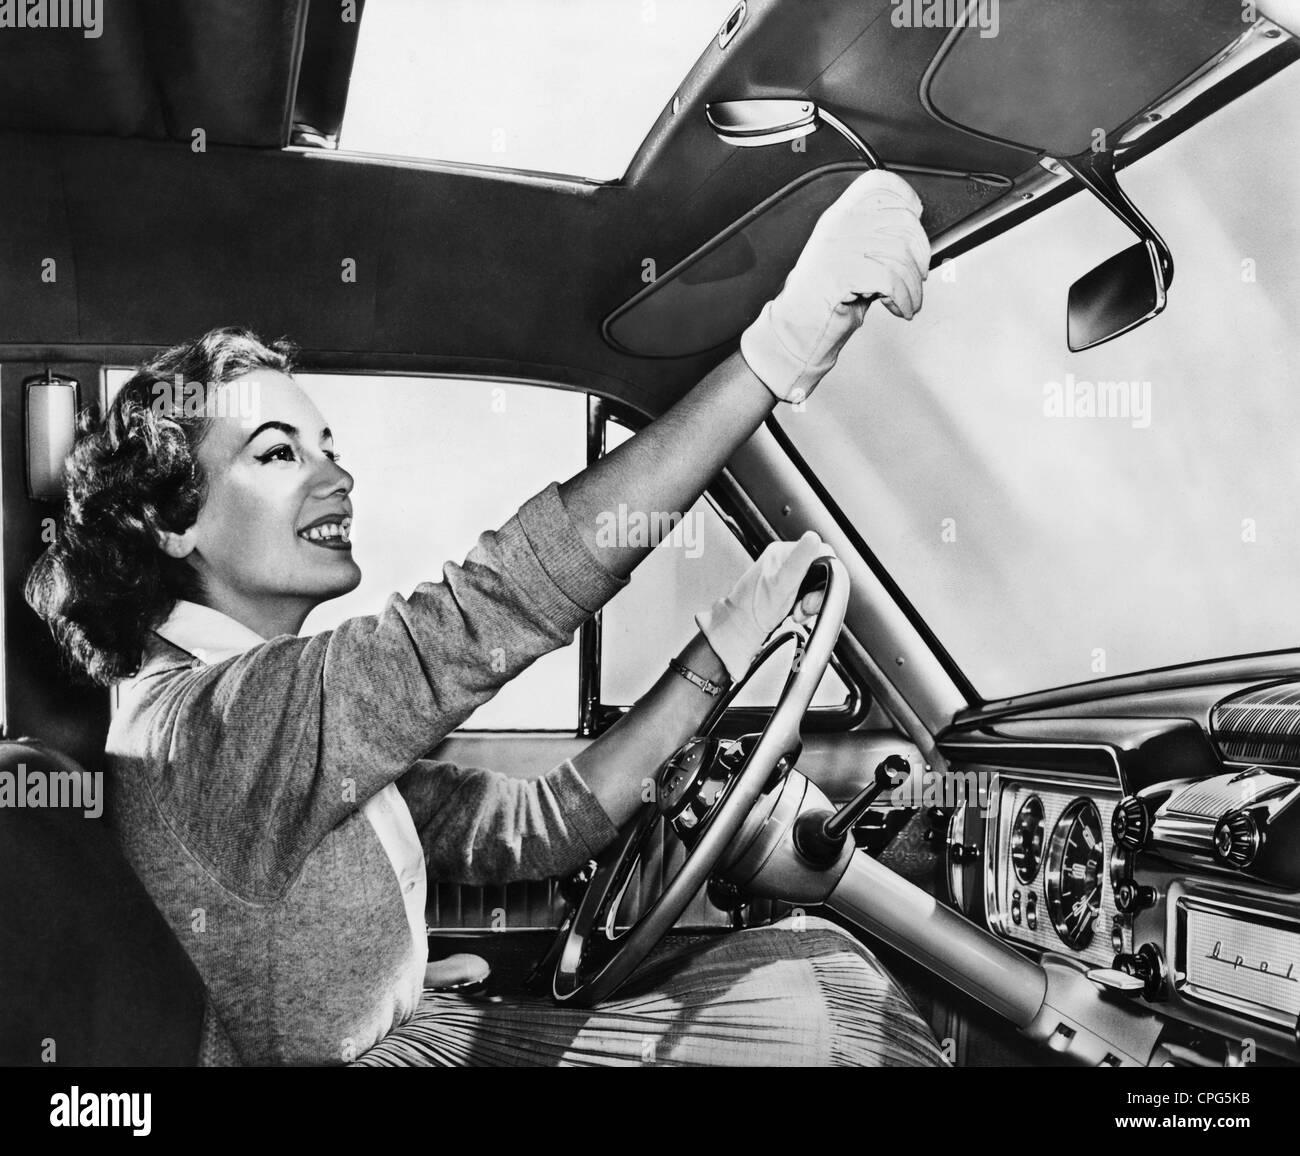 Trasporti / trasporto auto, dettaglio, di sole sul tetto, donna è l'apertura del tetto di una Opel, 1950s, 50s, Foto Stock